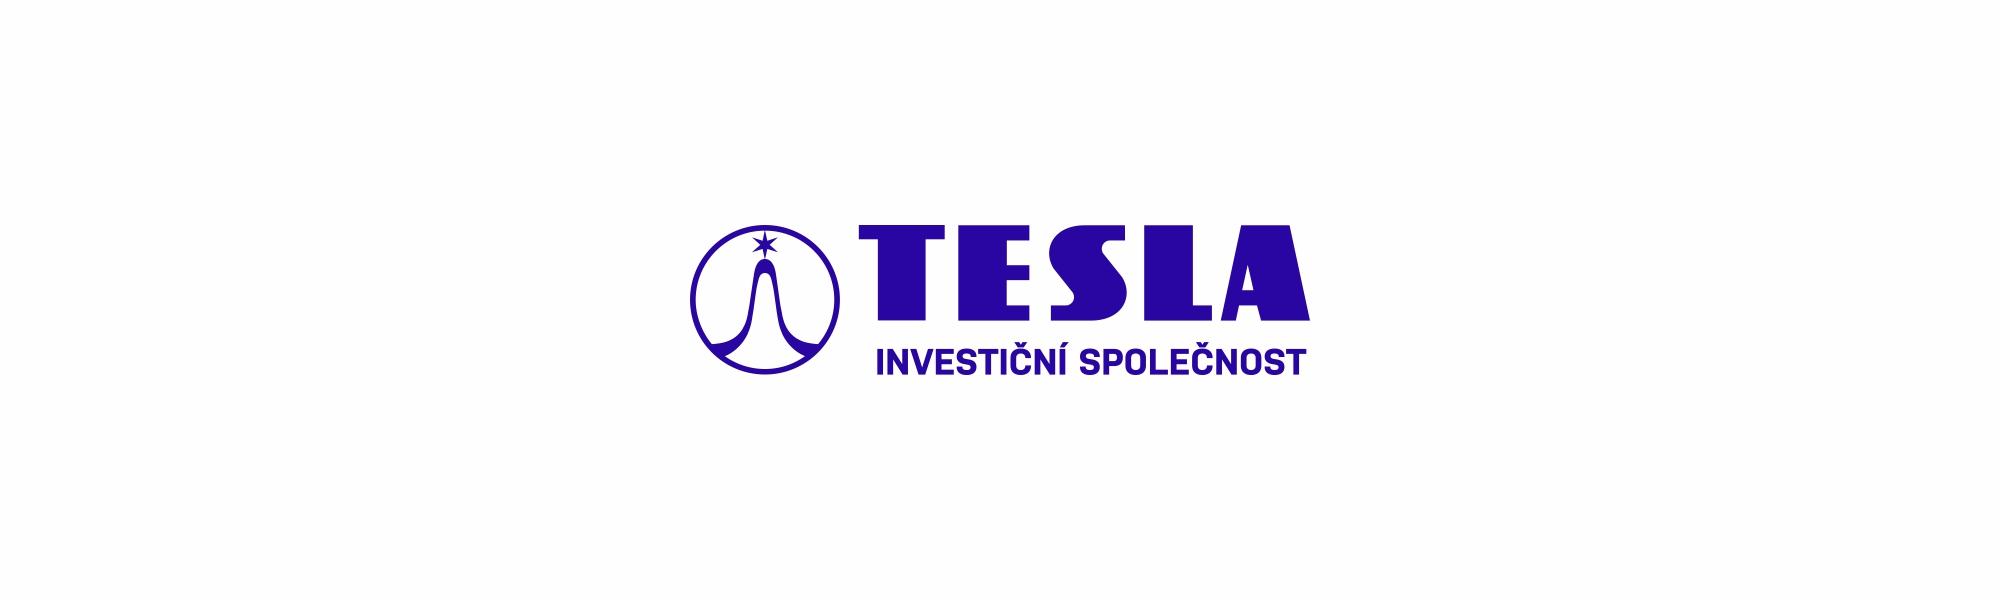 tesla investiční společnost logo banner